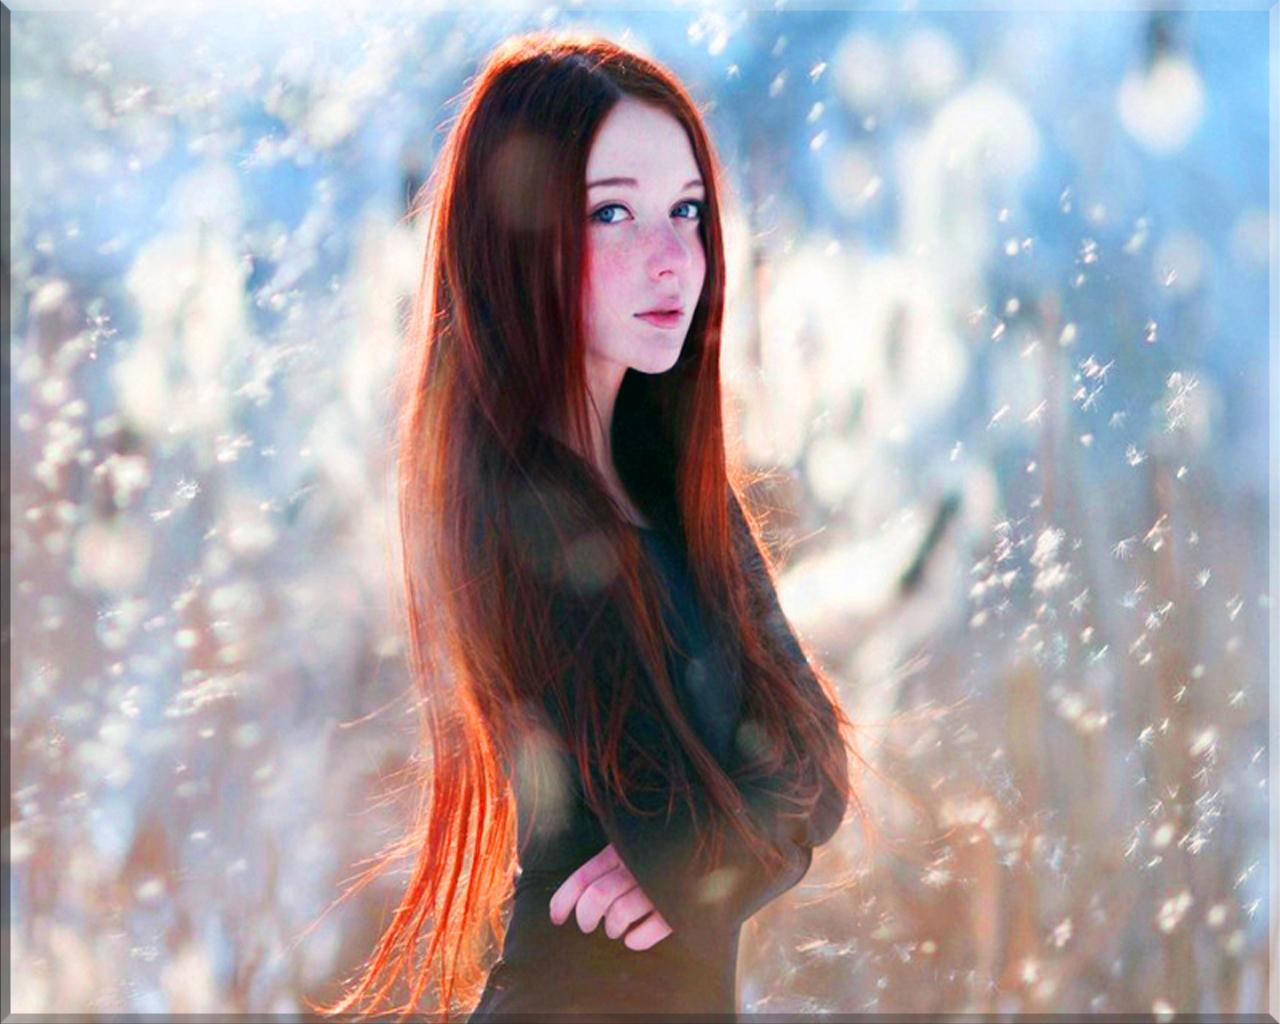 OFF - Renascer no Inverno - Página 3 29fwi1d